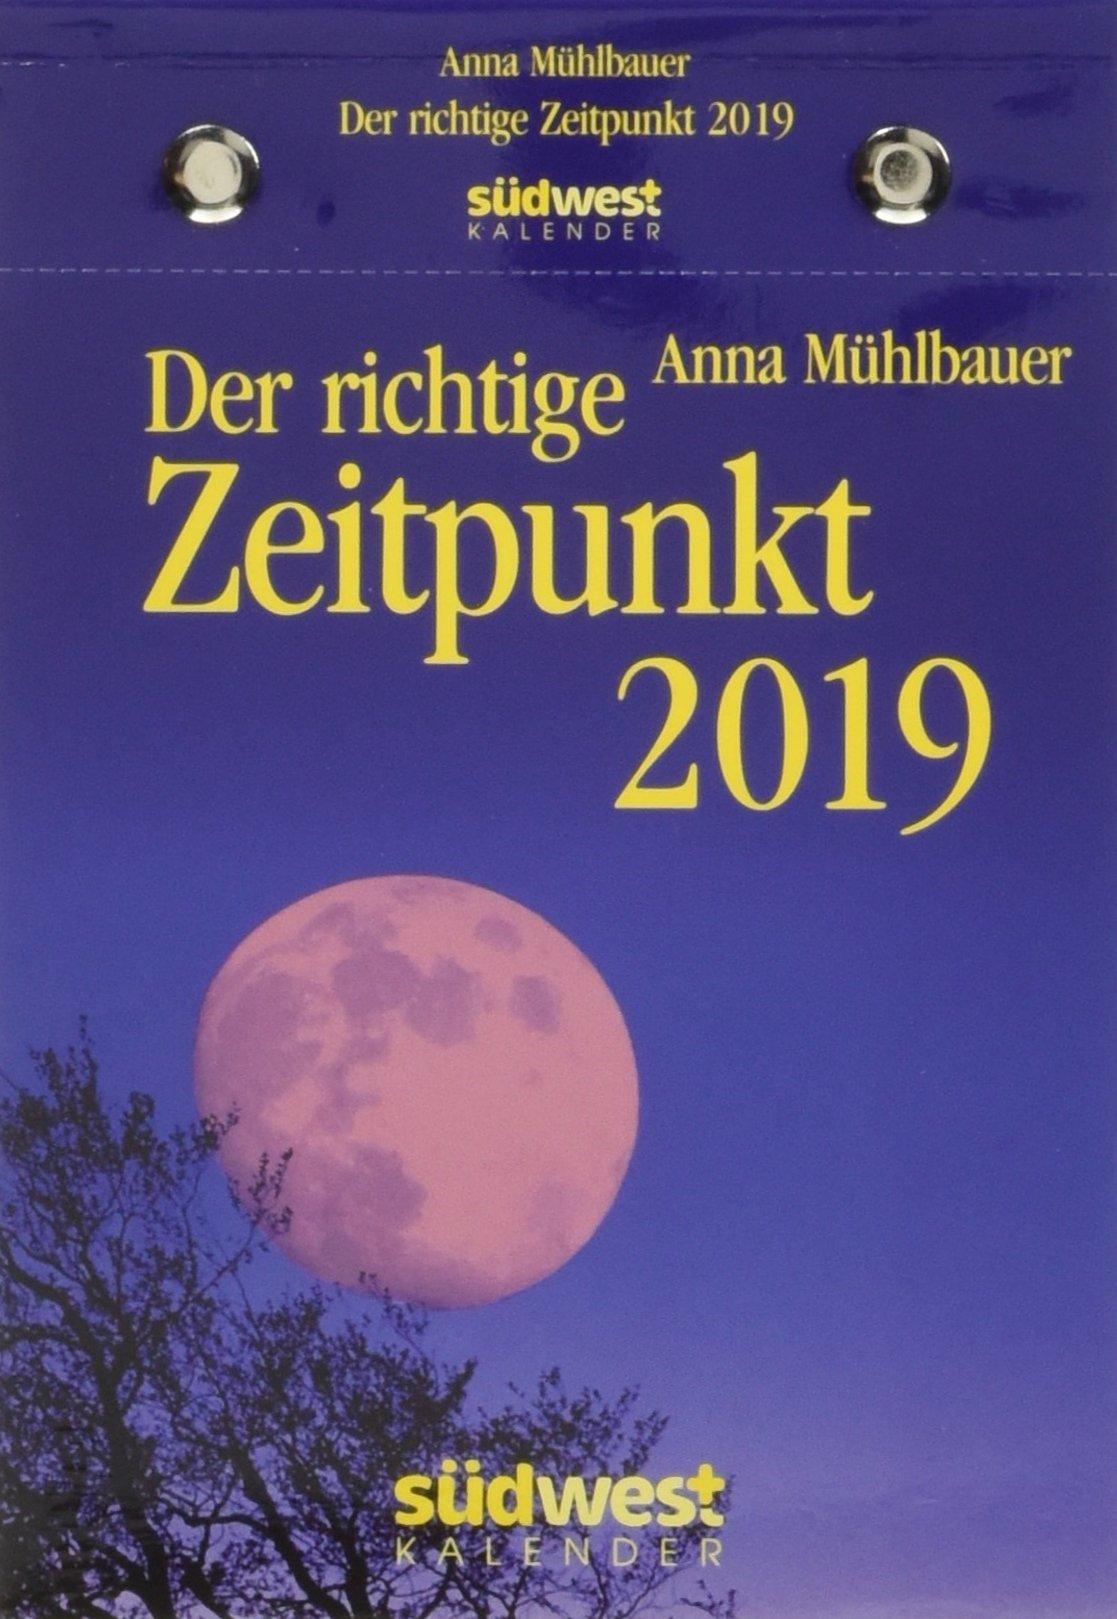 Der richtige Zeitpunkt 2019 Tagesabreißkalender Kalender – Tageskalender, 4. Juni 2018 Anna Mühlbauer Südwest Verlag 3517096482 Feier- und Festtage